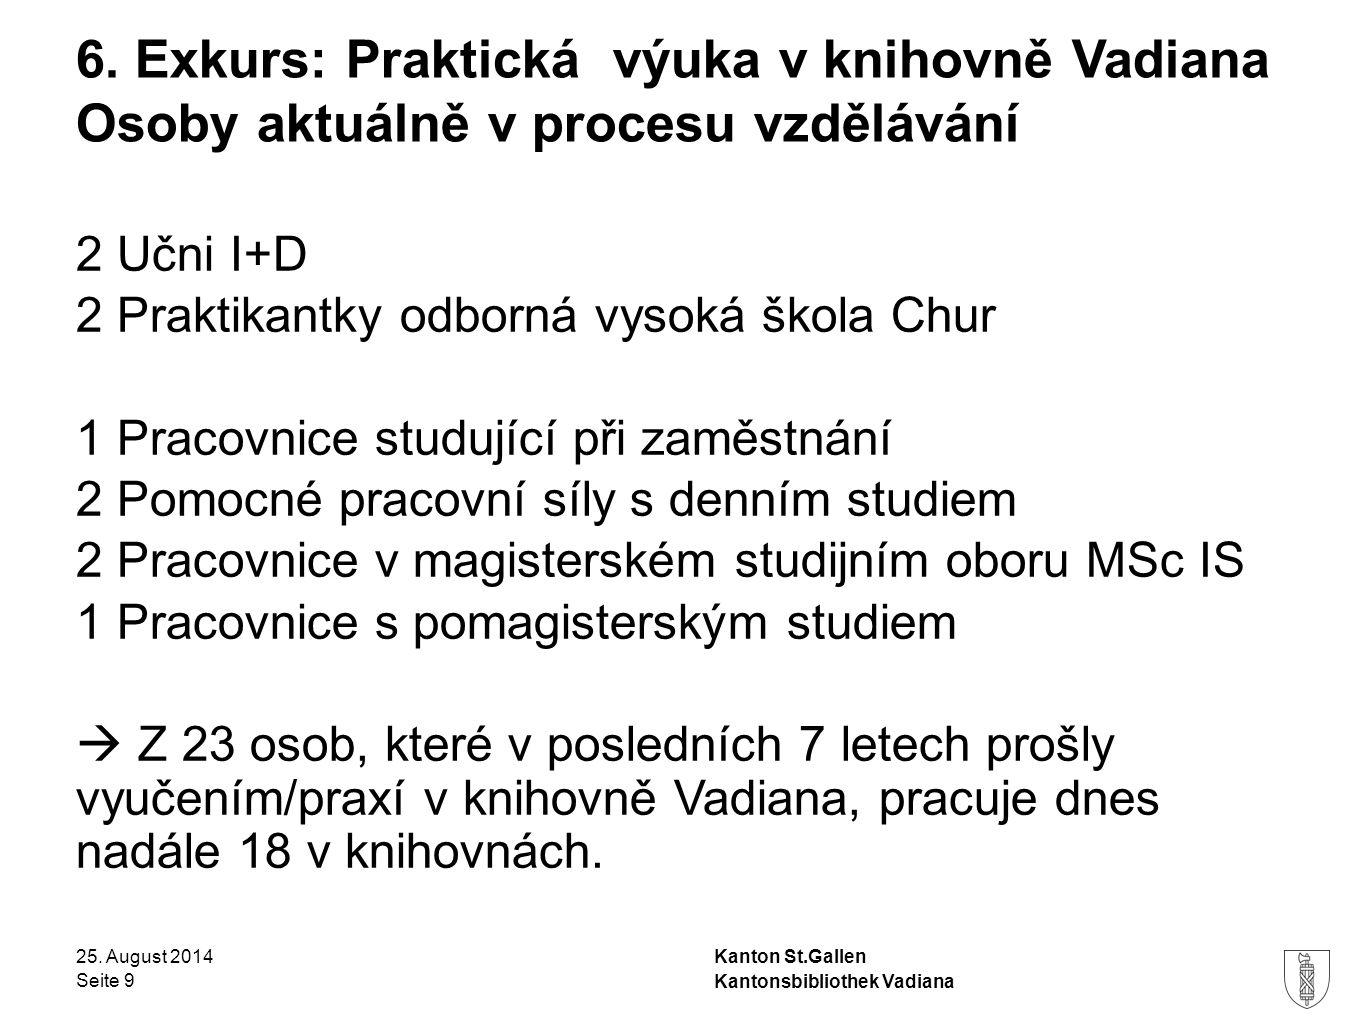 6. Exkurs: Praktická výuka v knihovně Vadiana